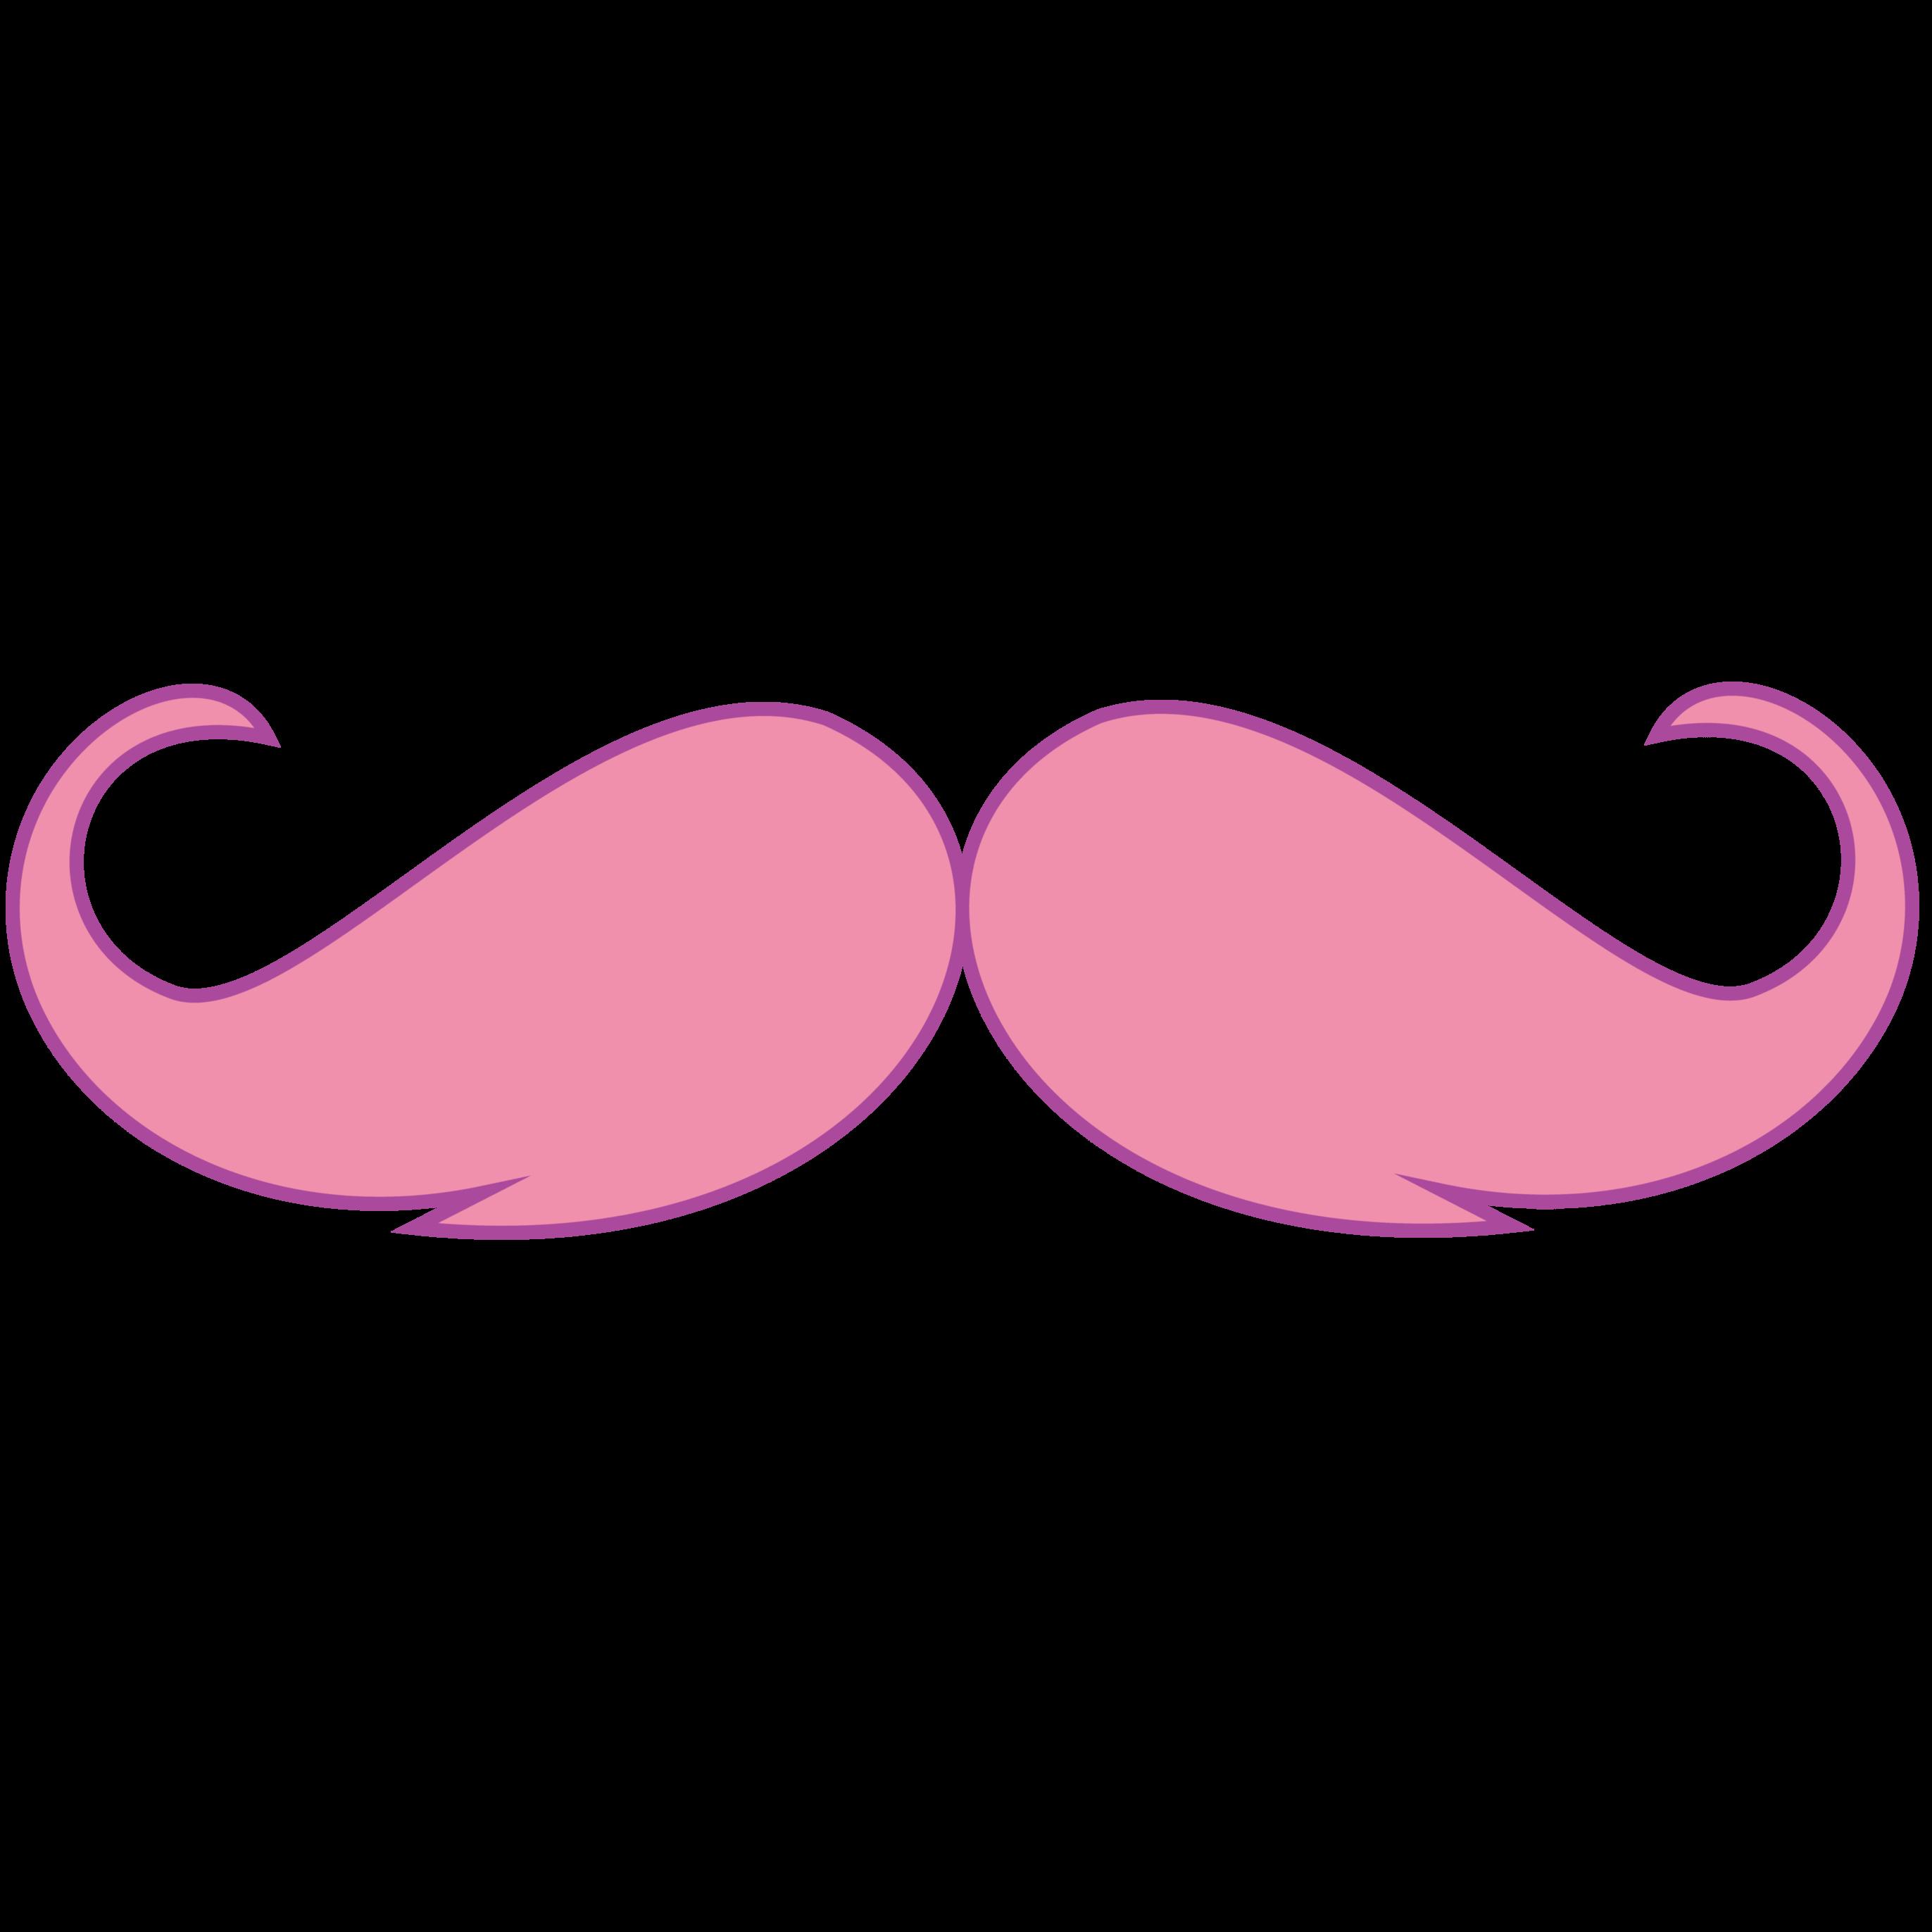 moustache clip art png - photo #39